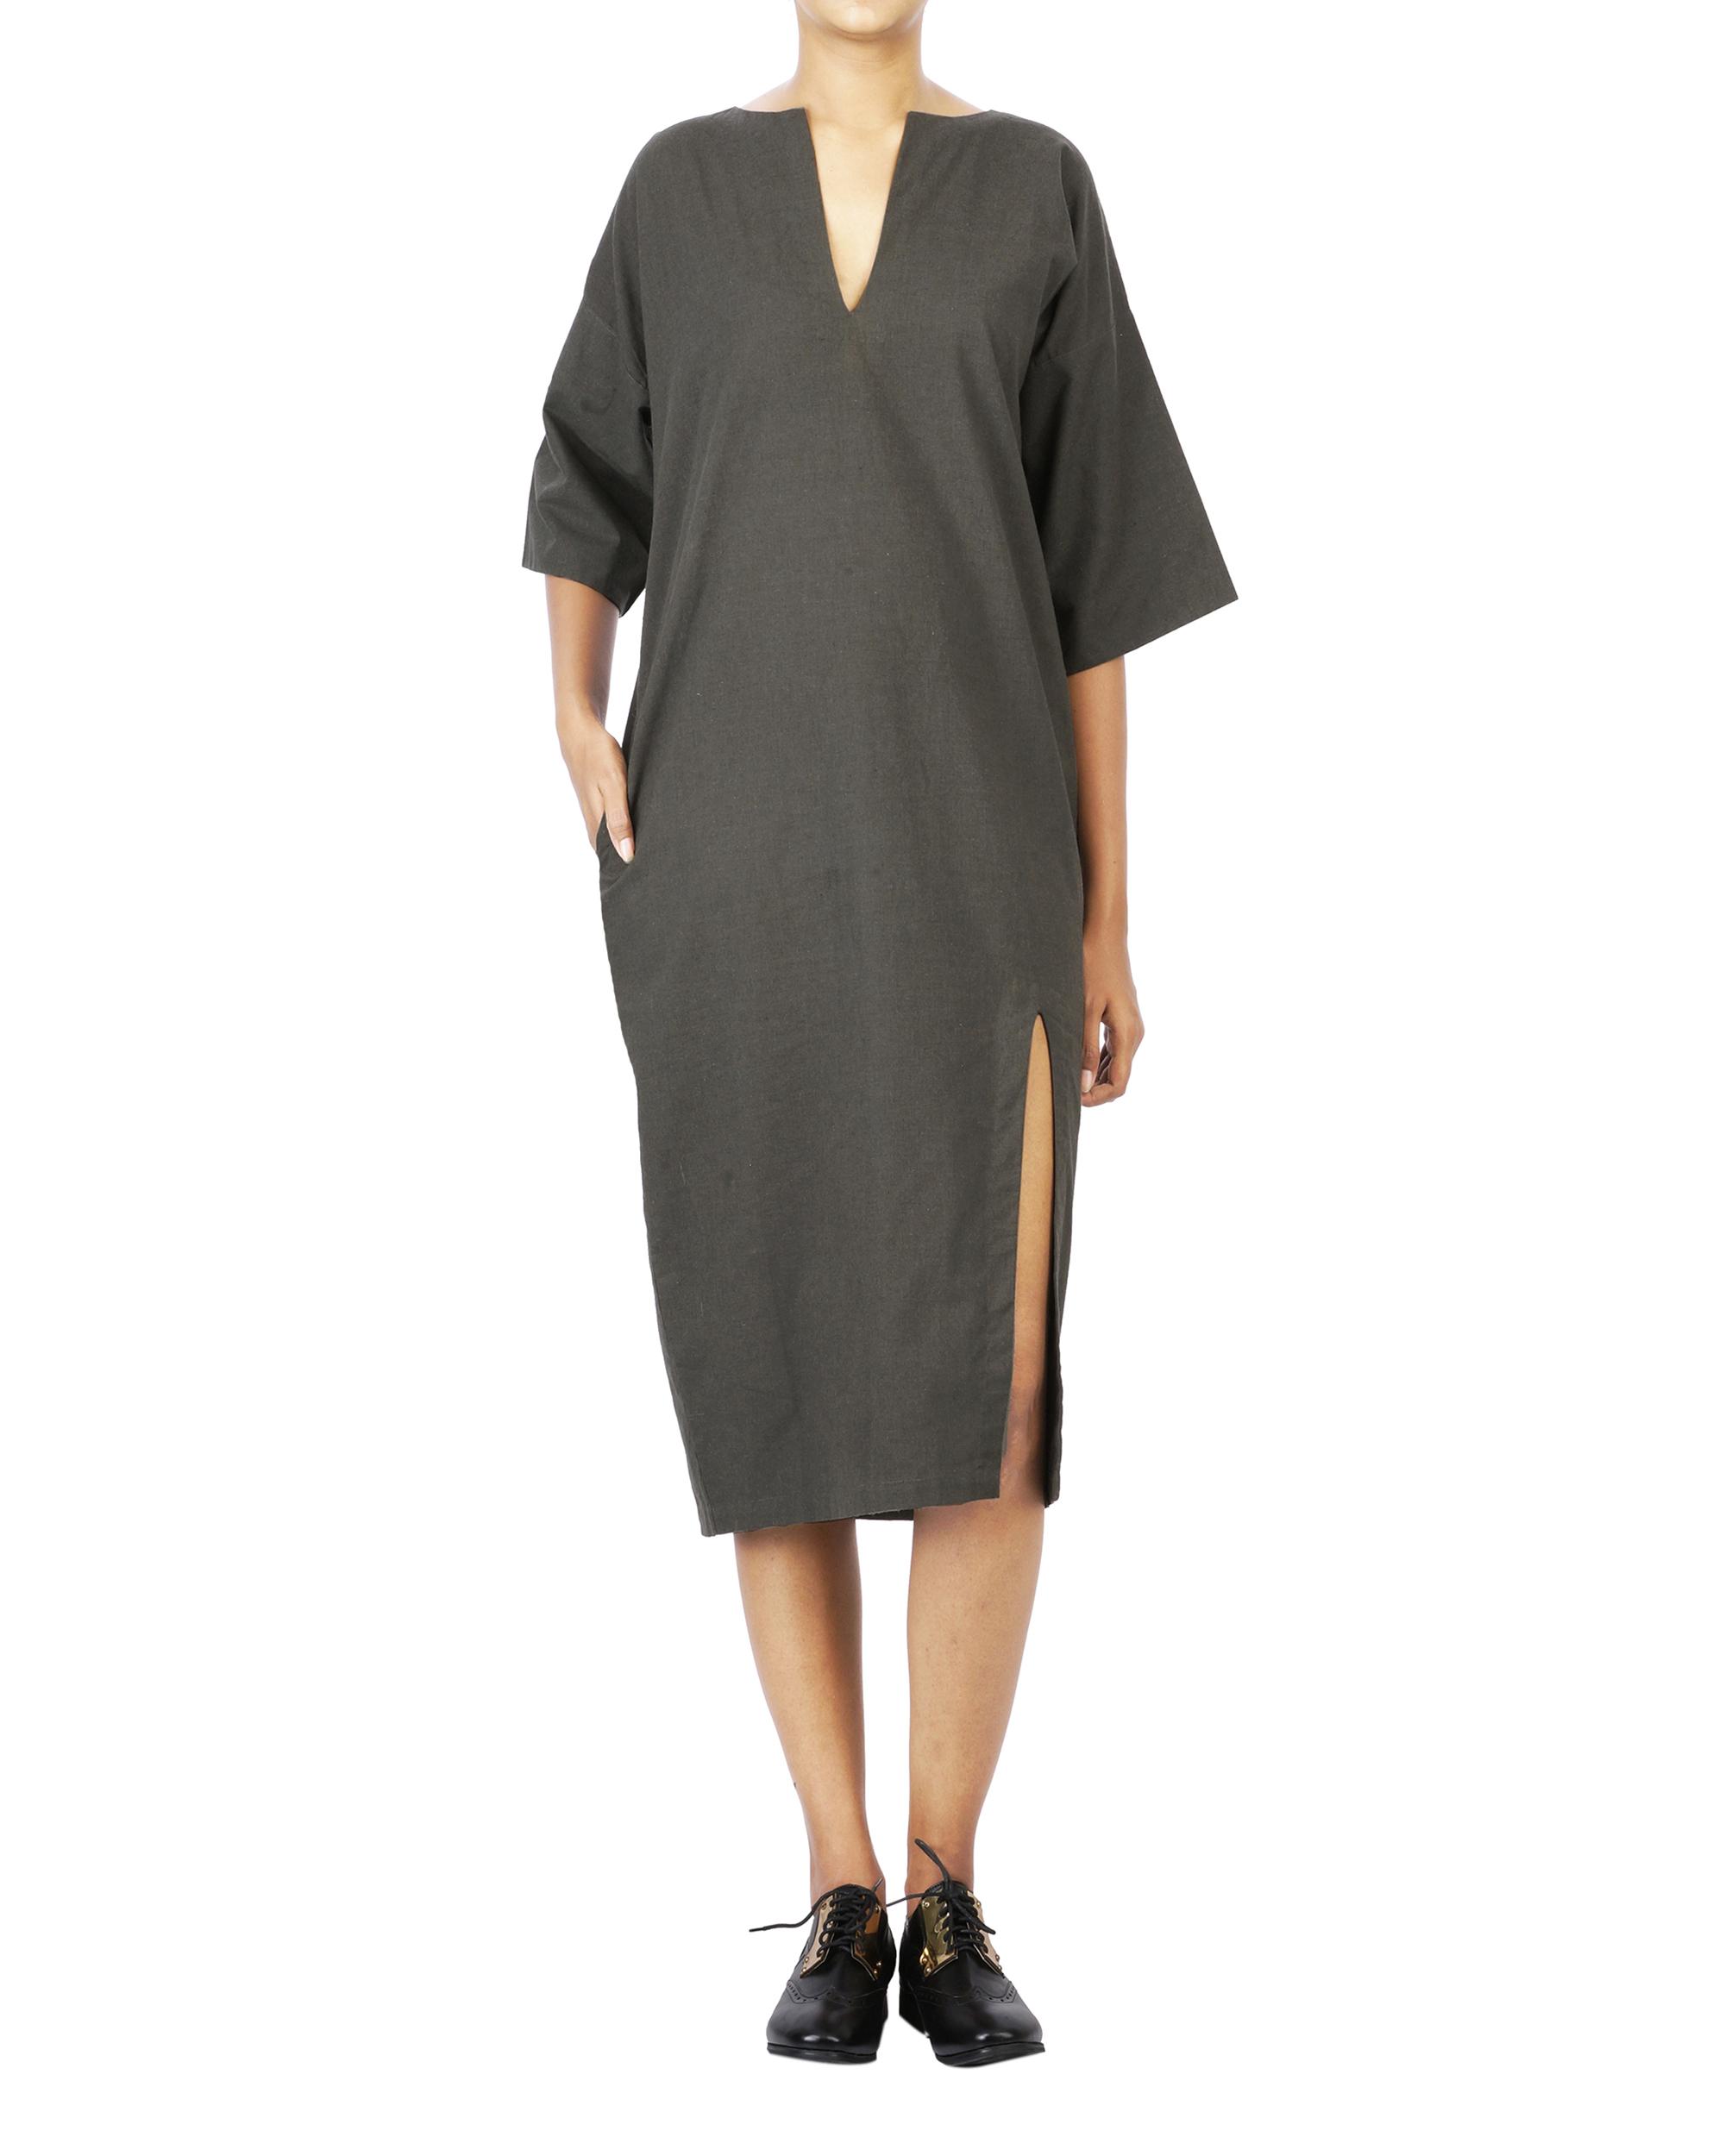 V neck high slit knee length dress